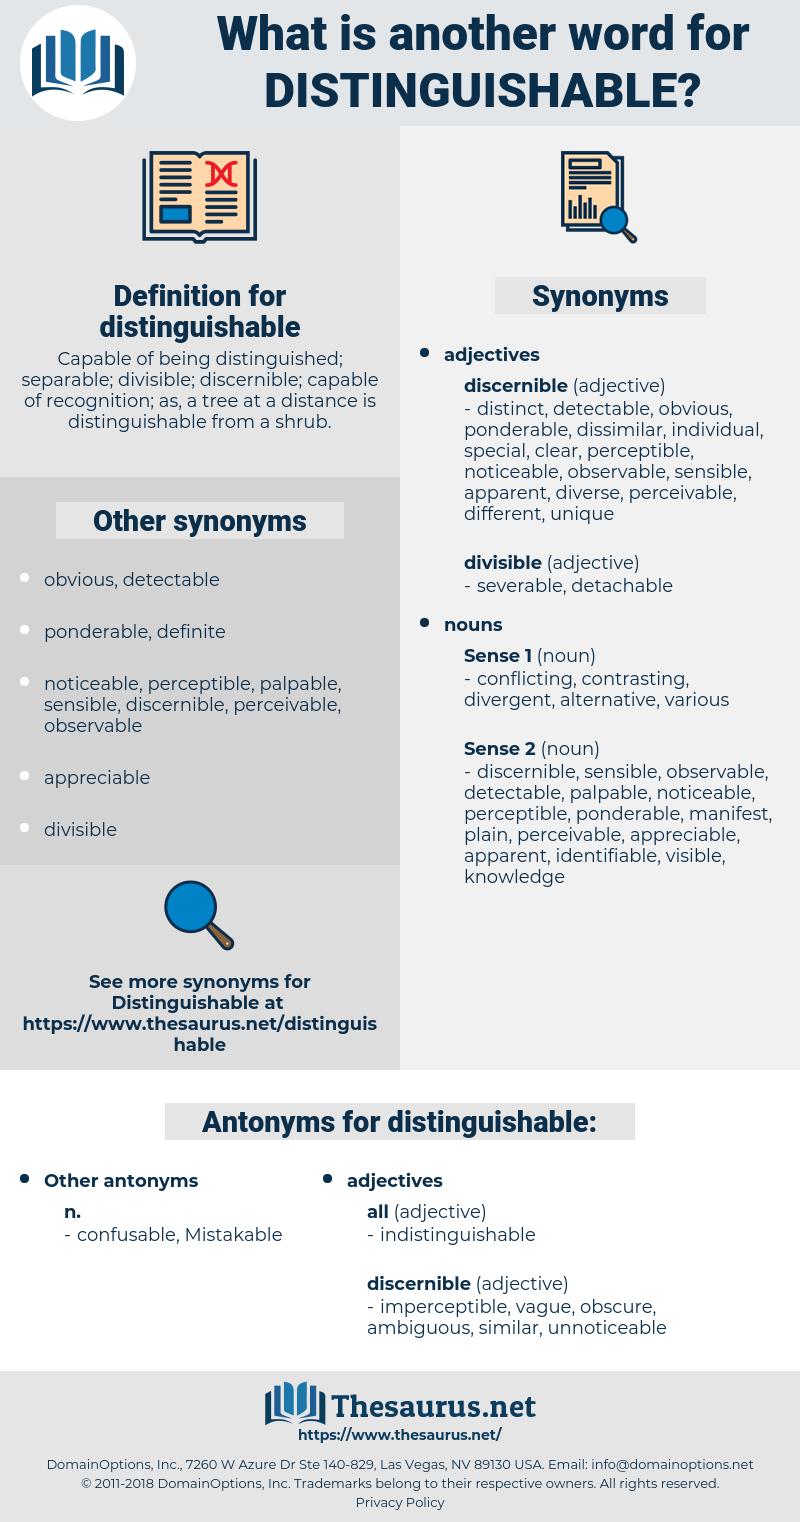 distinguishable, synonym distinguishable, another word for distinguishable, words like distinguishable, thesaurus distinguishable